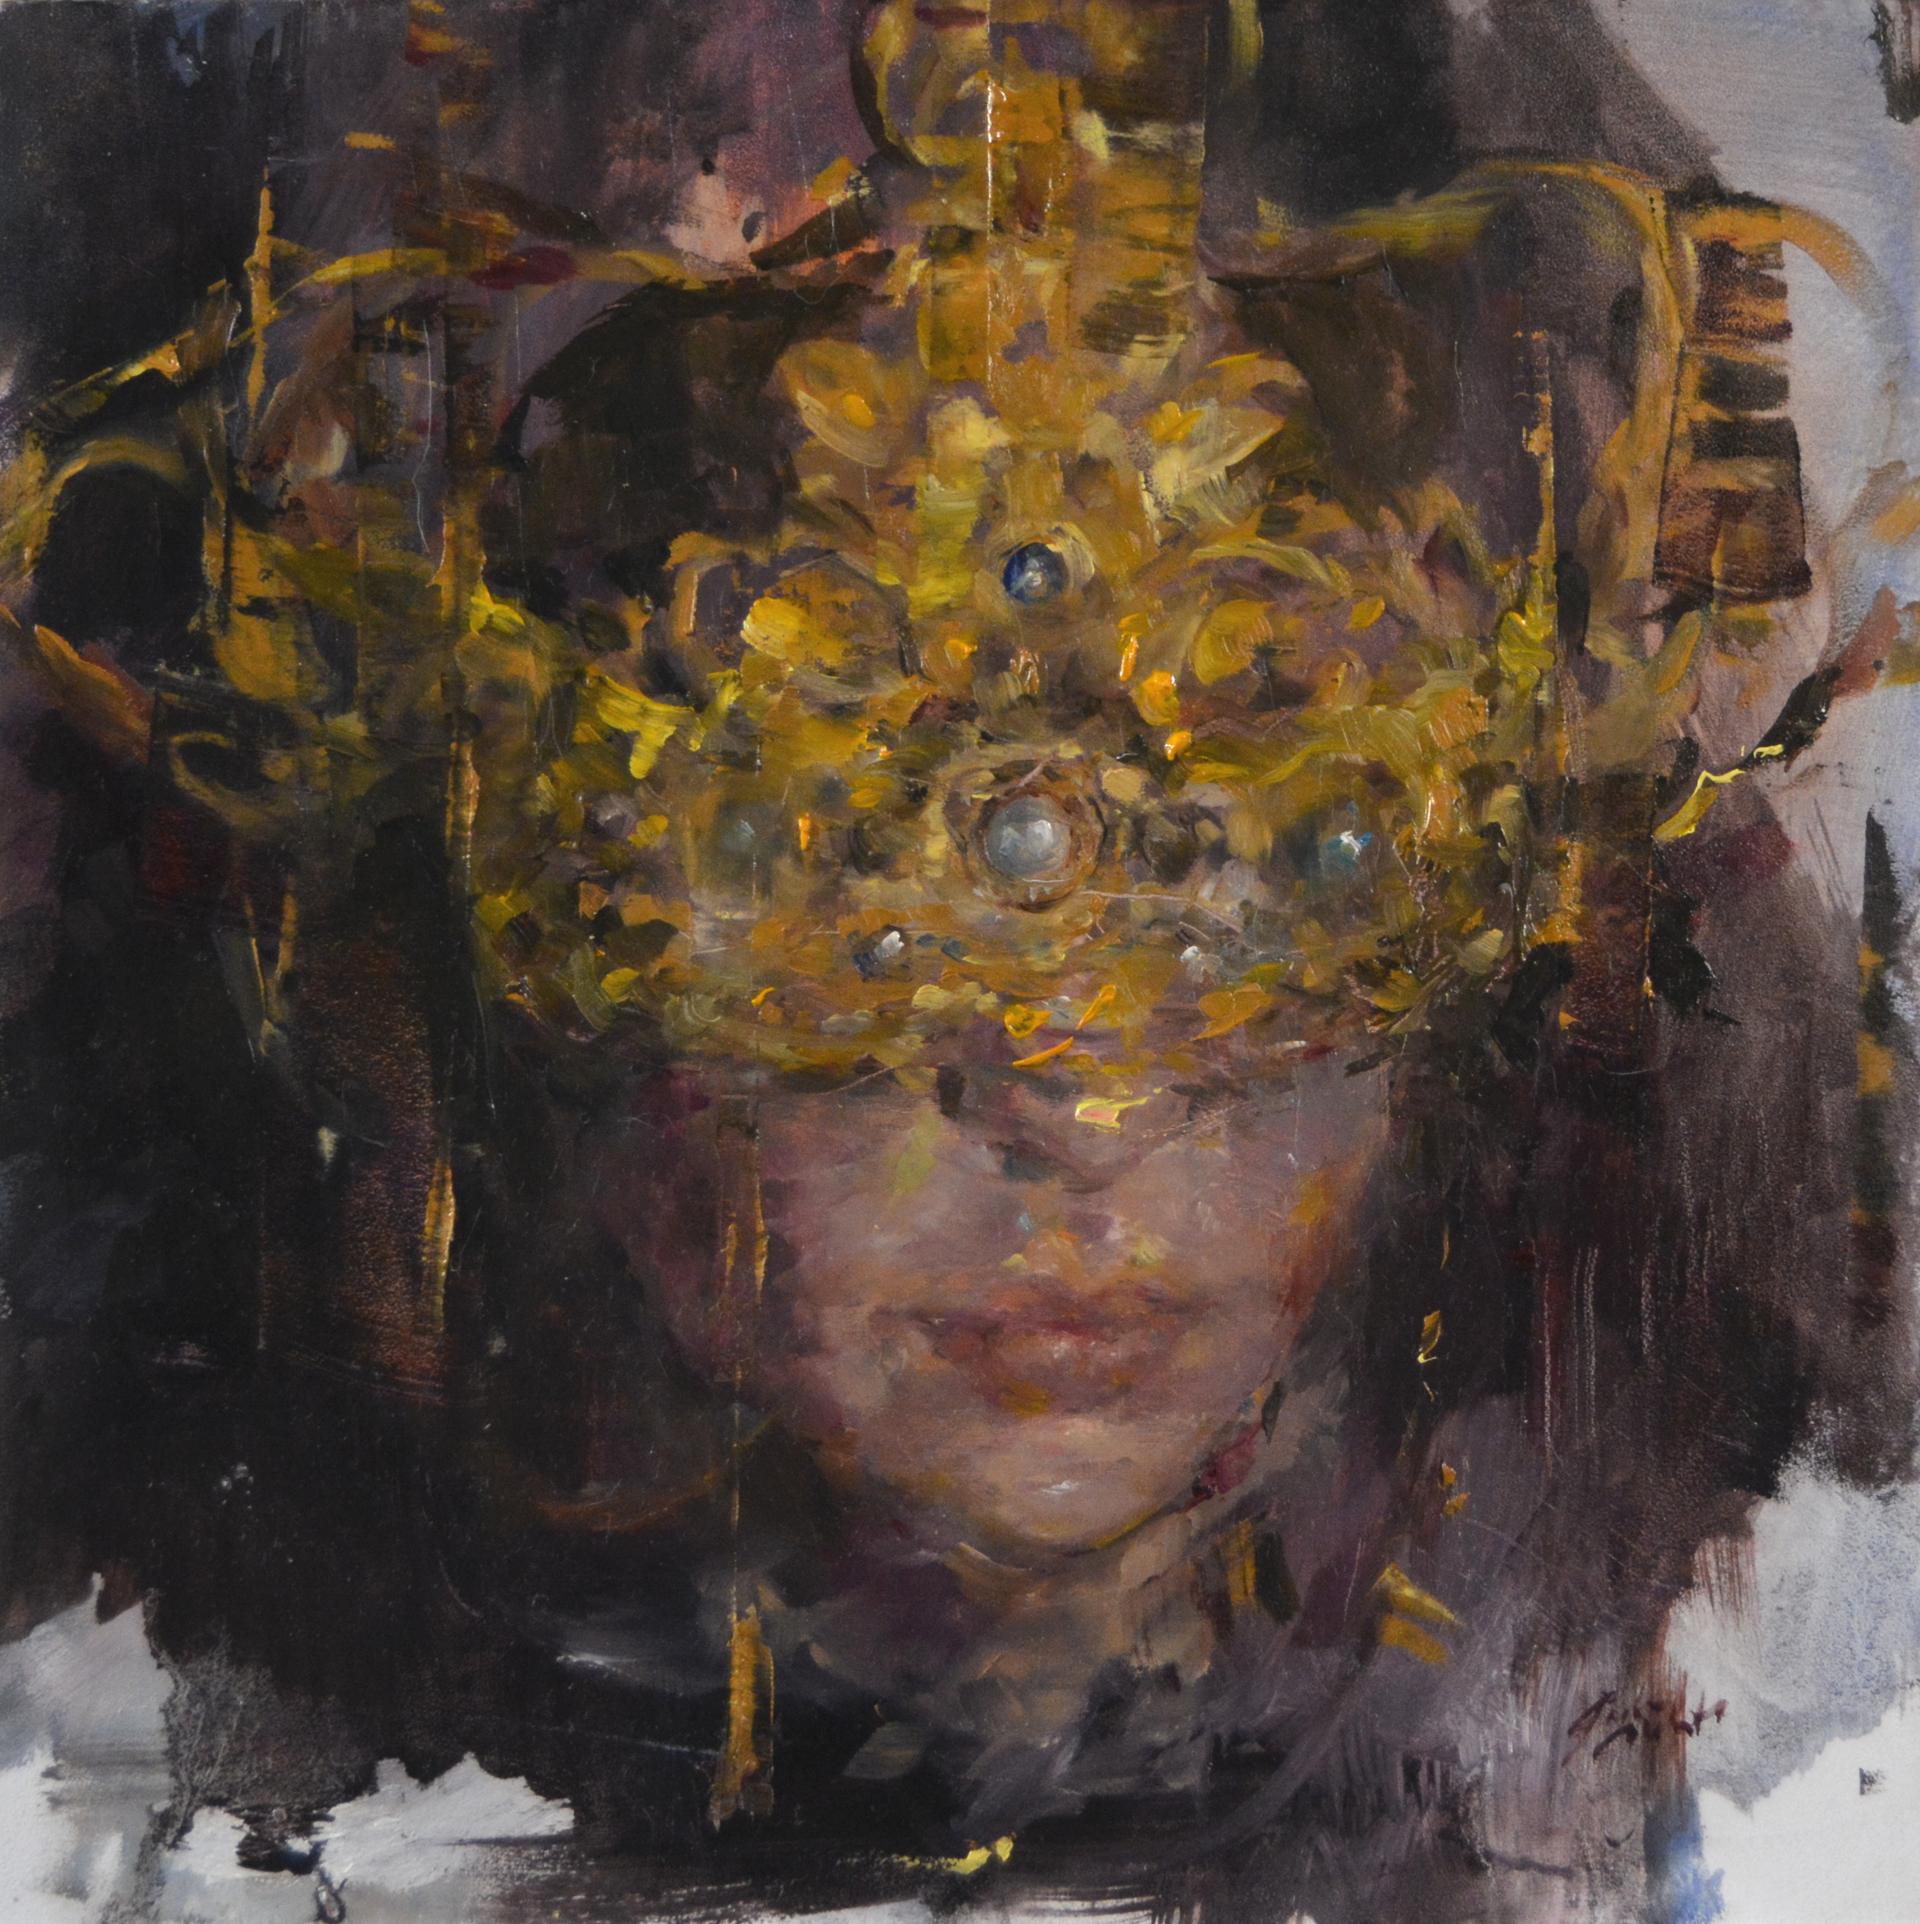 Obscured by Jaclyn Alderete